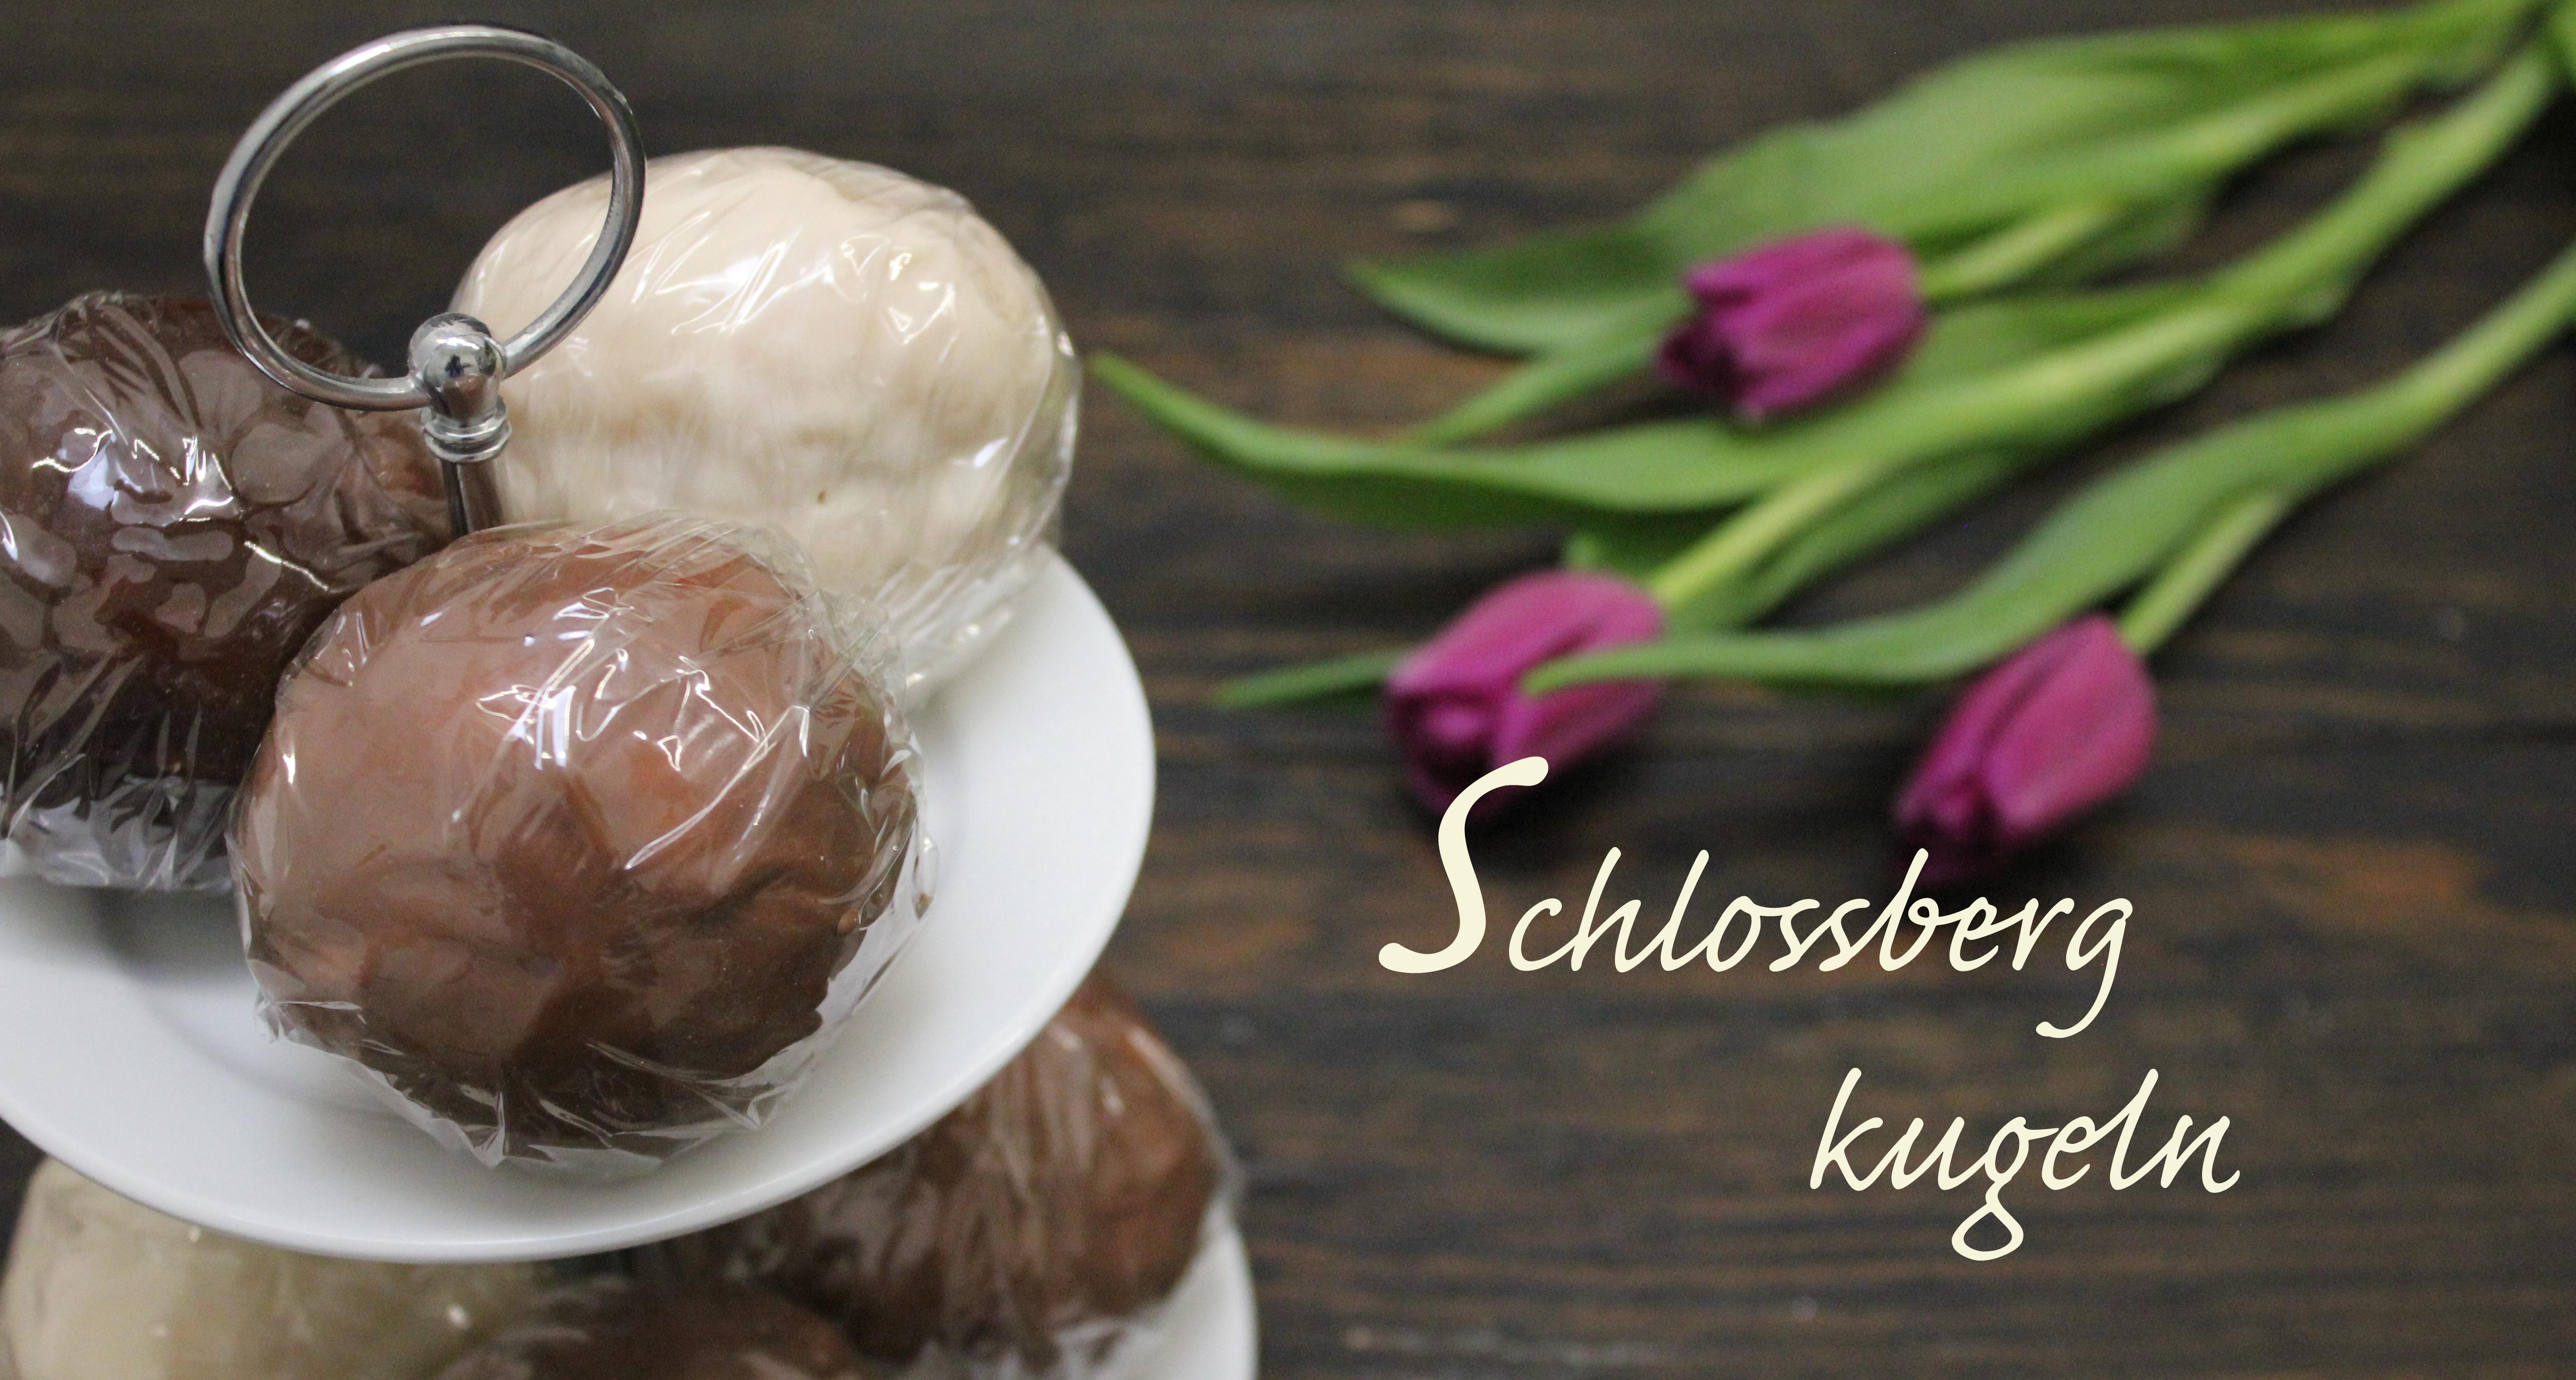 Baeckerei_Buergin_Pralinen_Confiserie_Schlossbergkugeln